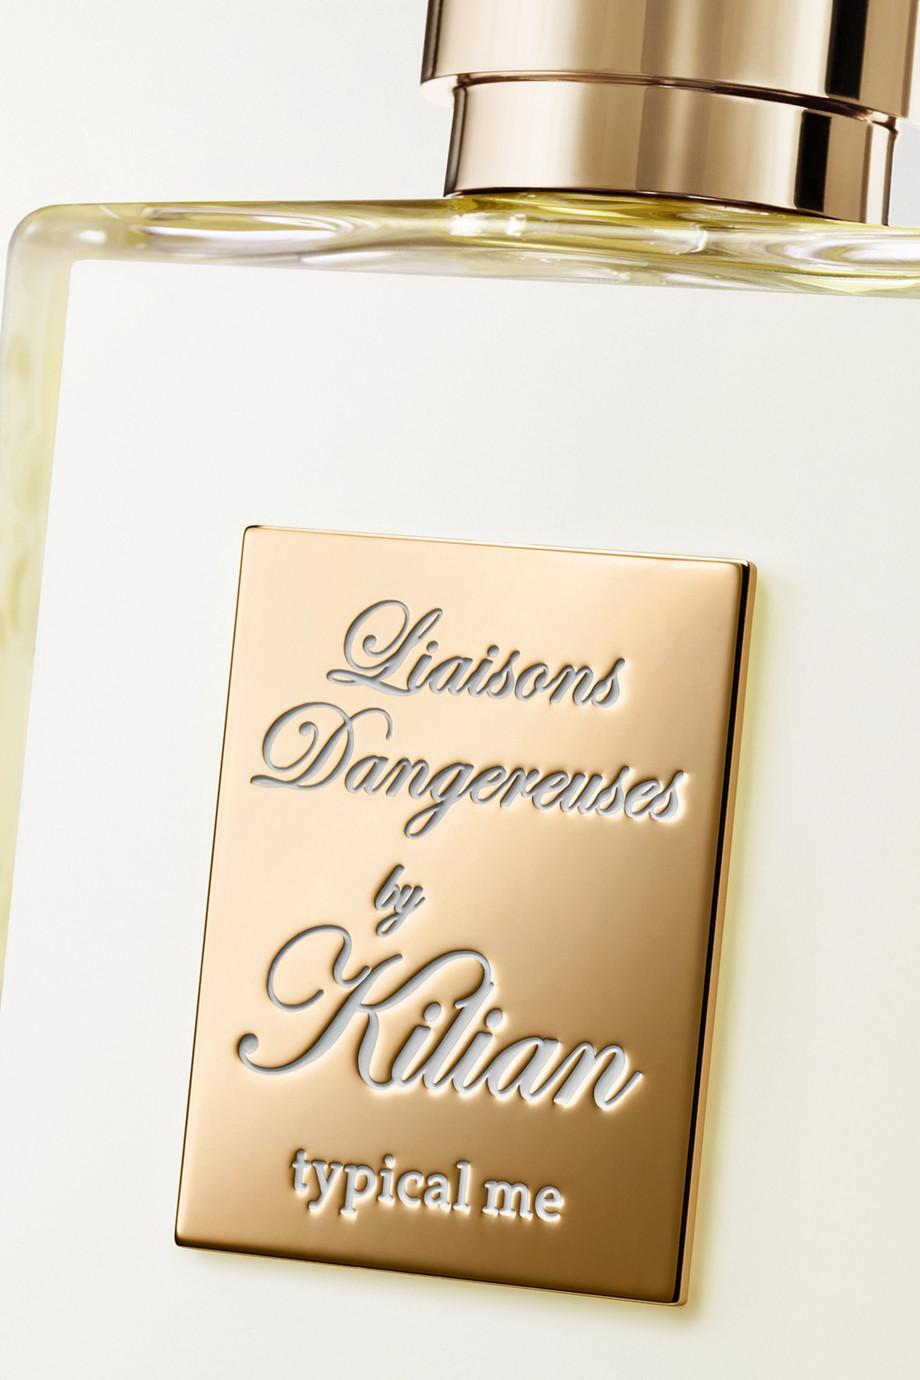 Kilian Liaisons Dangereuses, Typical Me – Pflaume, Rose & Moschusmalve, 50 ml – Eau de Parfum